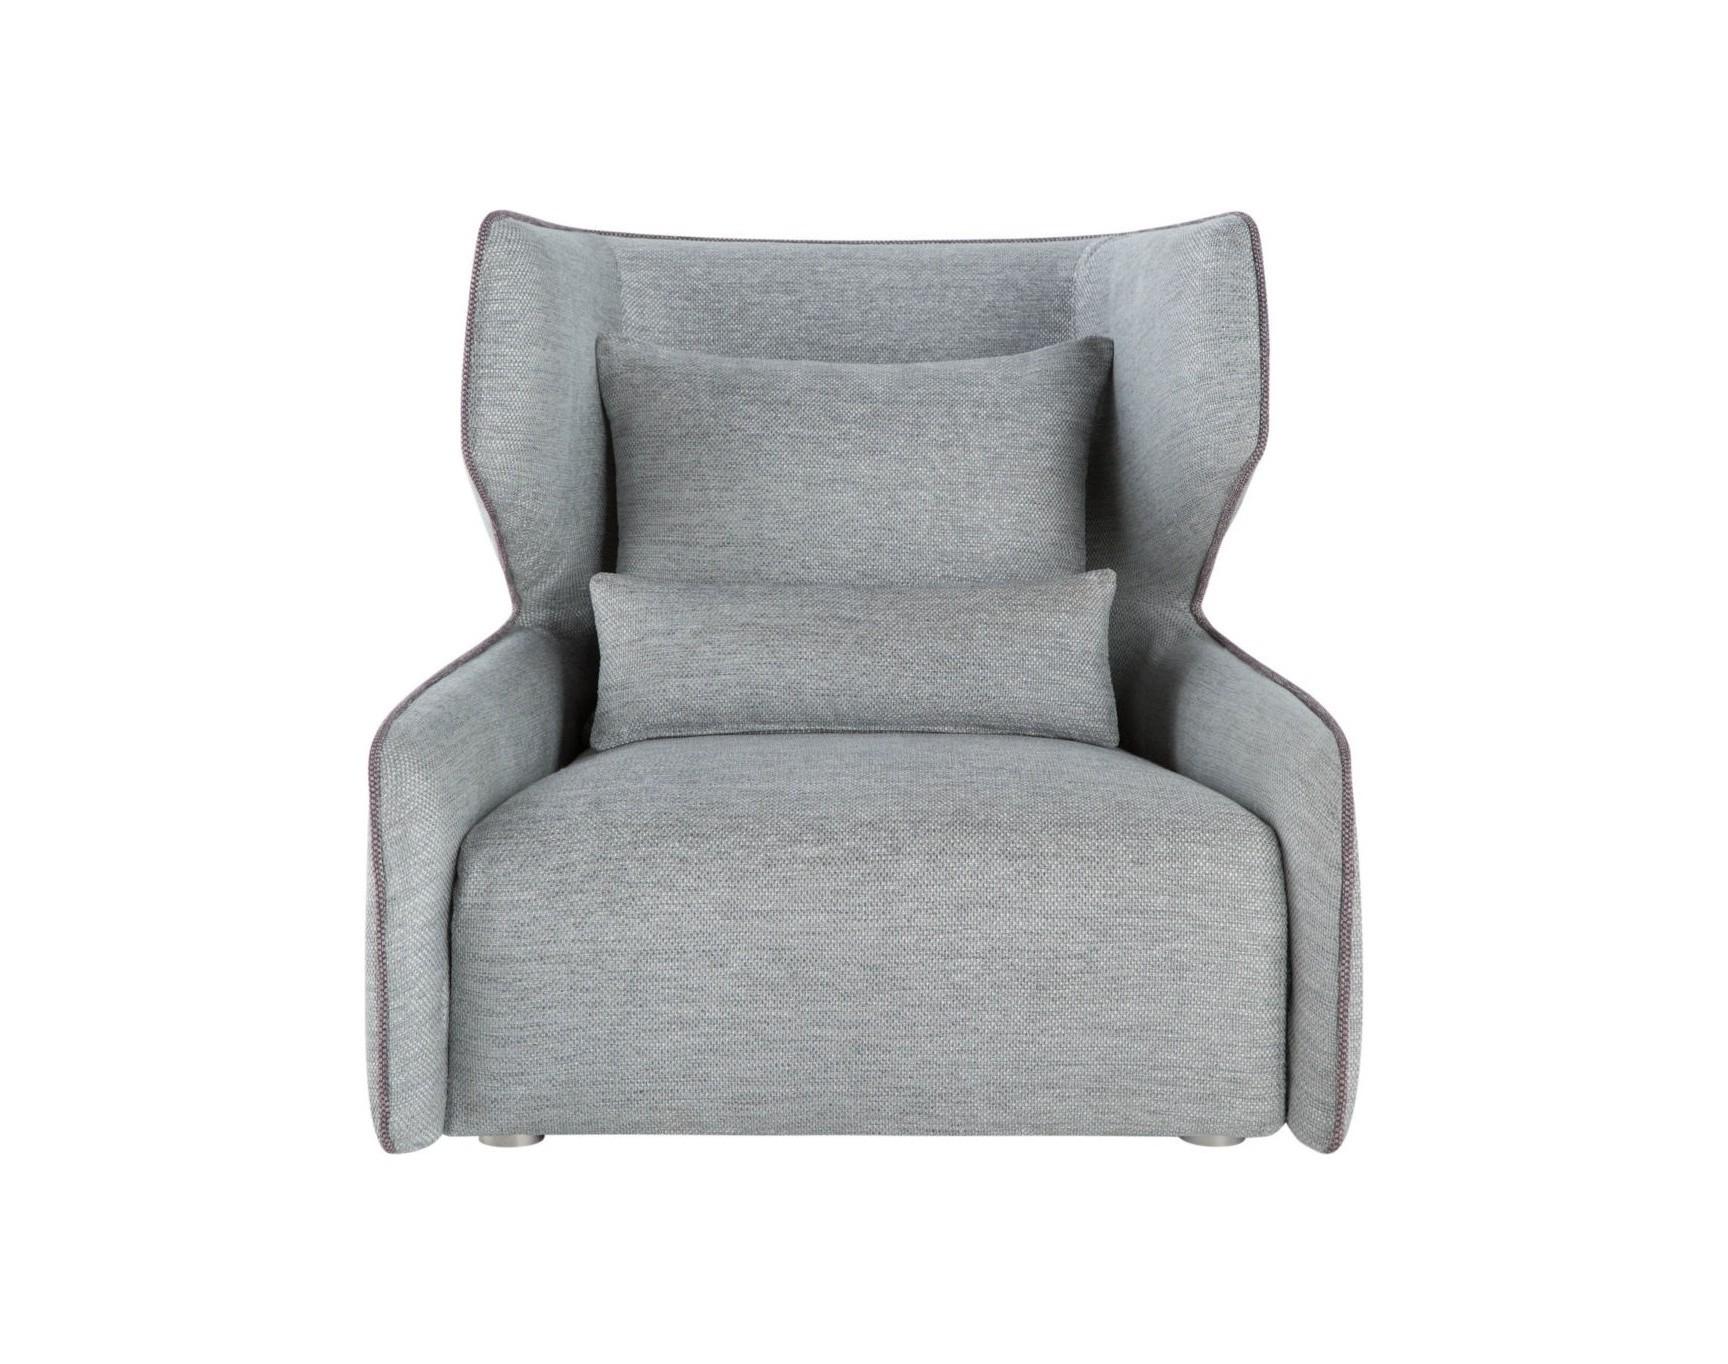 Кресло Mia paleИнтерьерные кресла<br>Если Вы любите смешивать стили и не боитесь смелых дизайнерских решений, это кресло – прекрасный повод заявить об этом. Декорированное по бокам контрастной тканью, в тон длинному валику и подушкам, оно будет великолепно в изысканном, тщательно продуманном интерьере. И пусть Вас не смущает светлая обивка внутренней части – современный, водоотталкивающий материал позволит креслу Mia прослужить Вам долго. Просто подберите подходящую Вам цветовую гамму.<br><br>Material: Текстиль<br>Width см: 93<br>Depth см: 102<br>Height см: 91